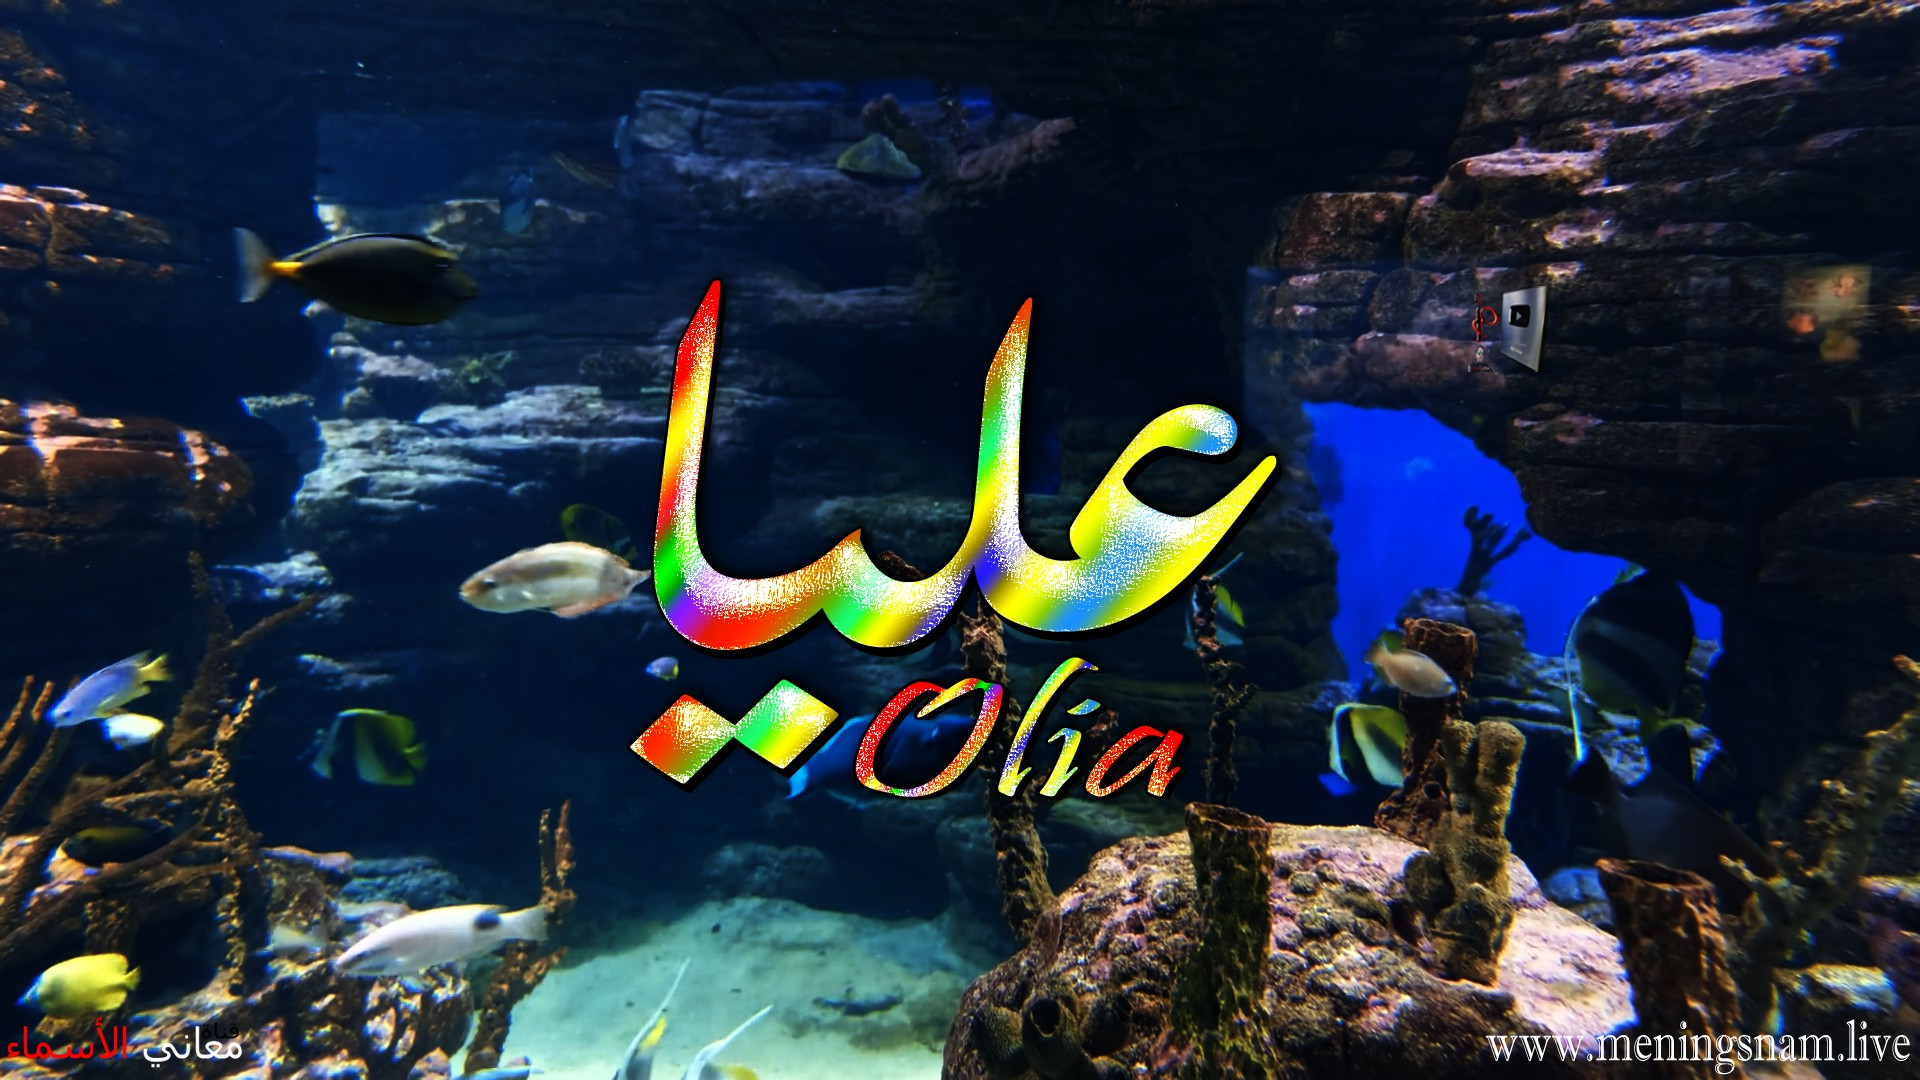 معنى اسم عليا وصفات حاملة هذا الاسم Olia